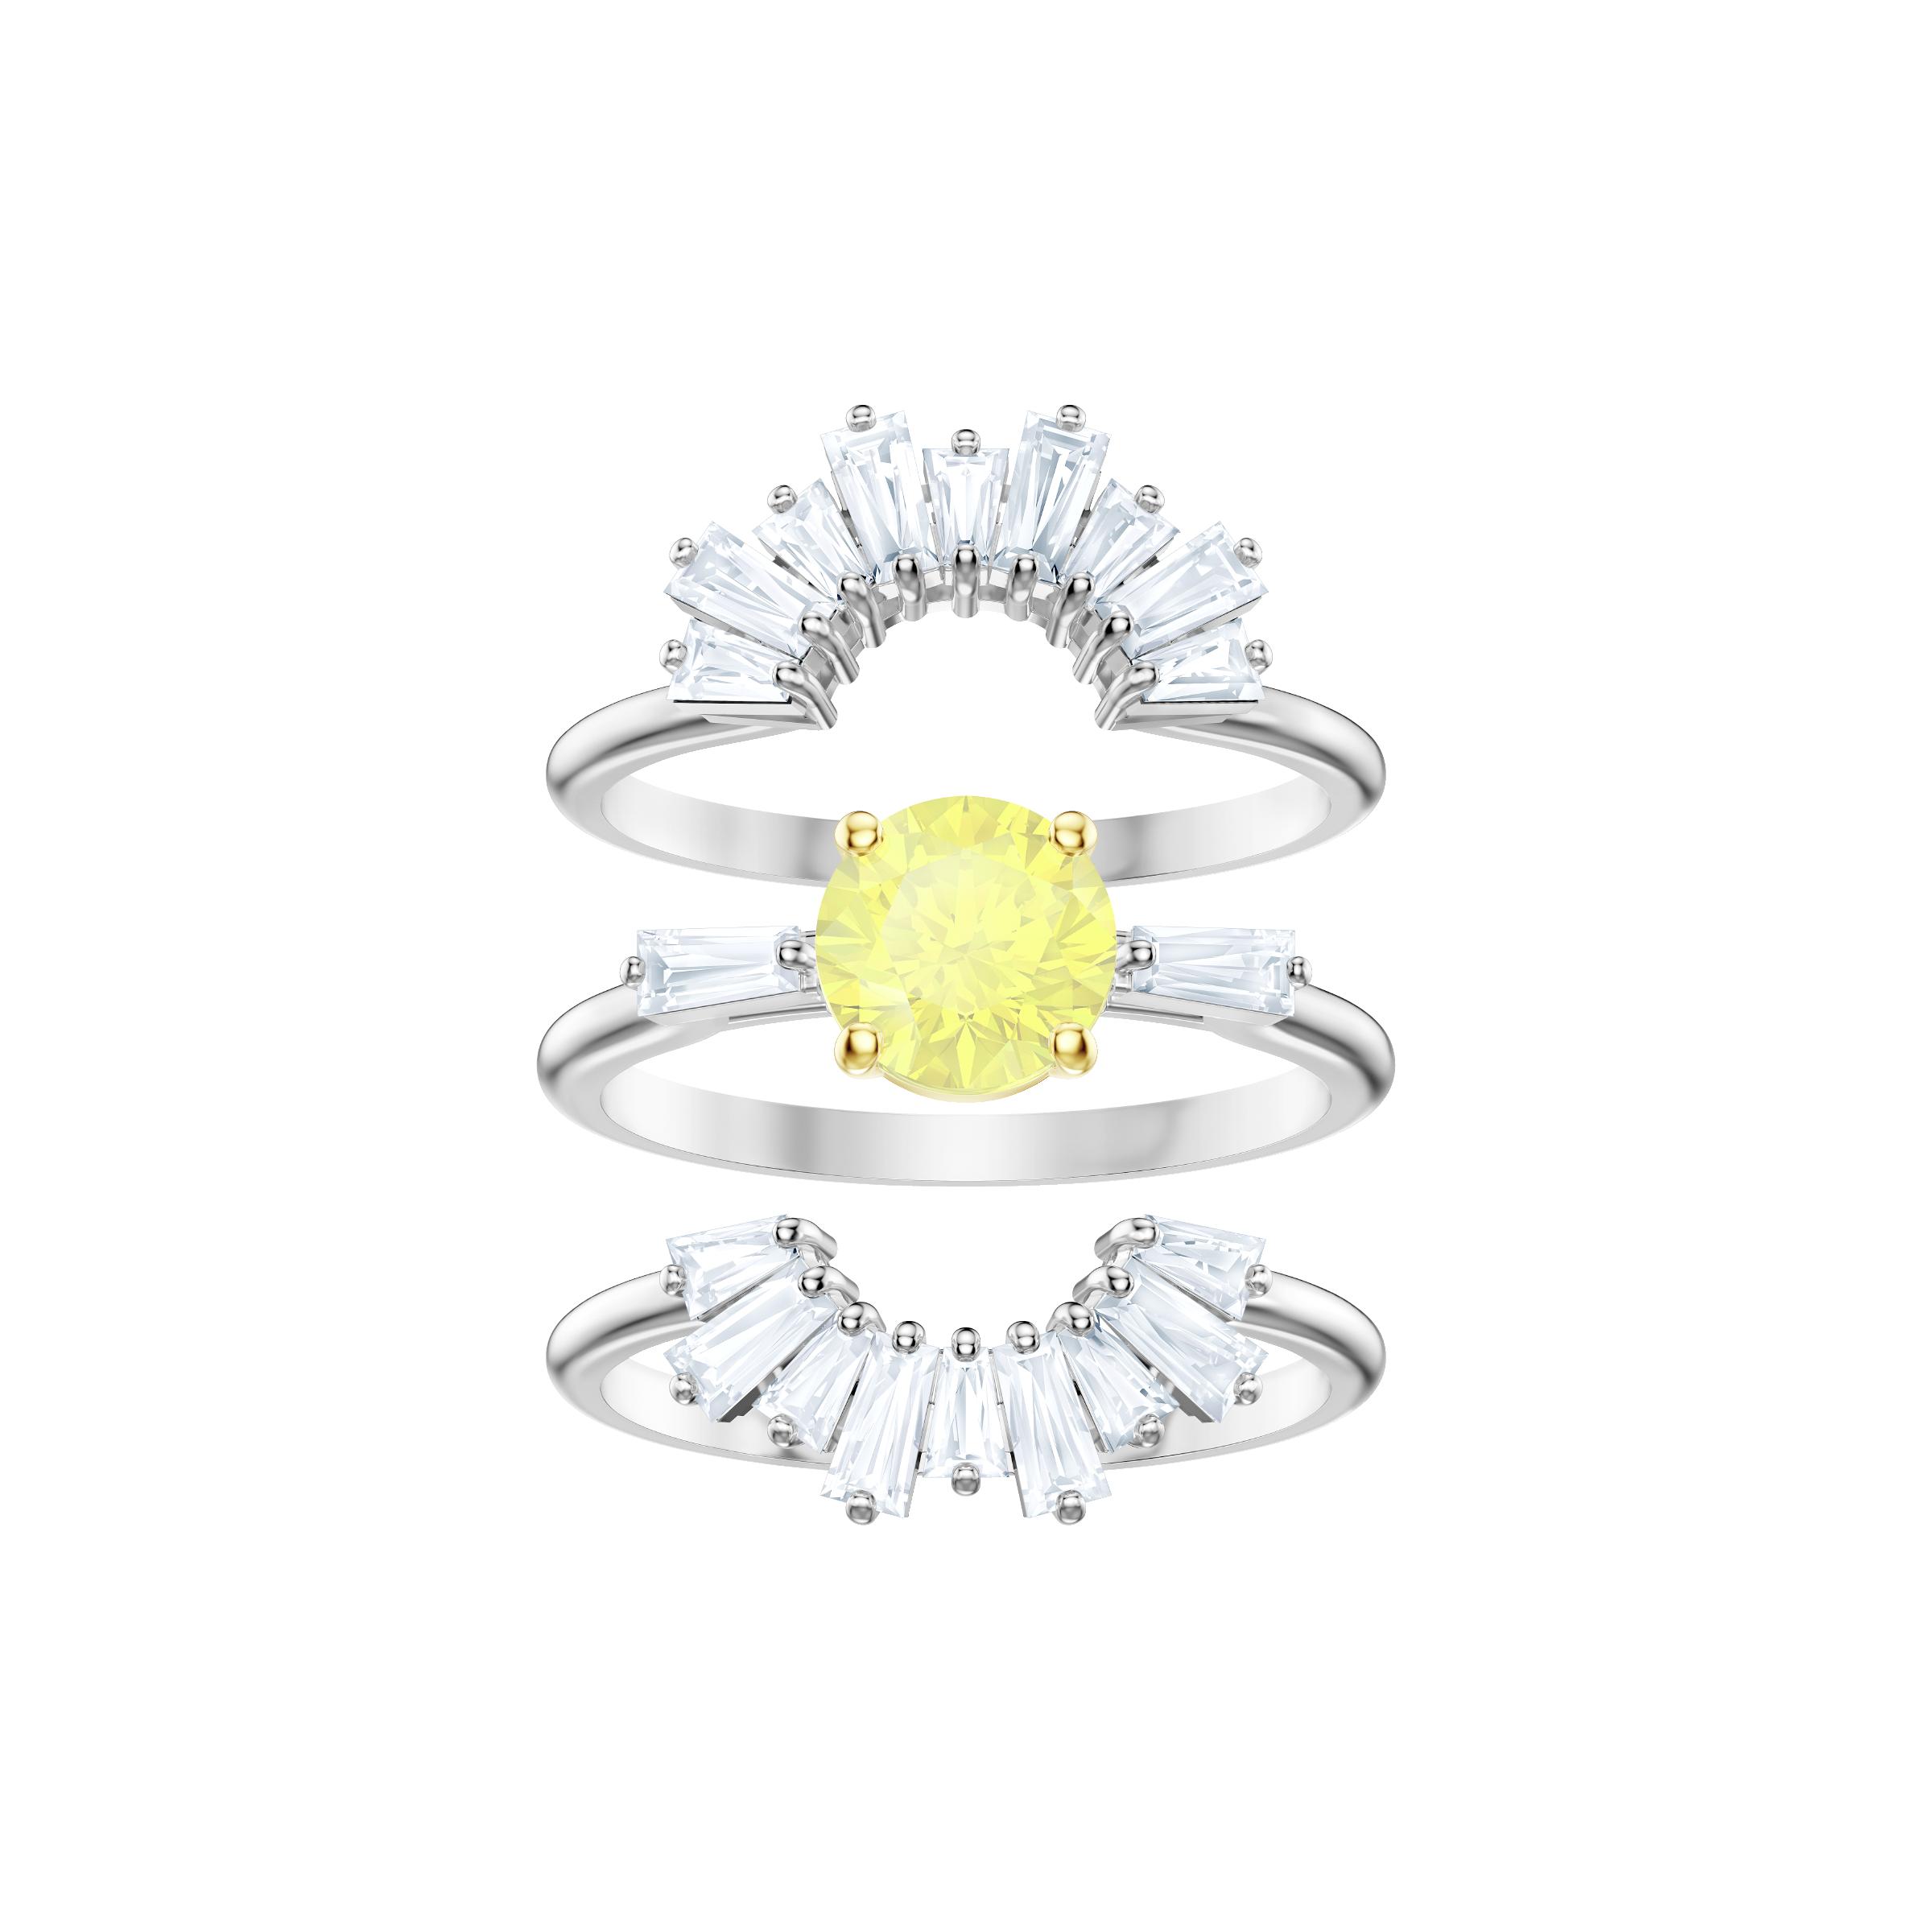 Sunshine Ring Set, White, Rhodium plating